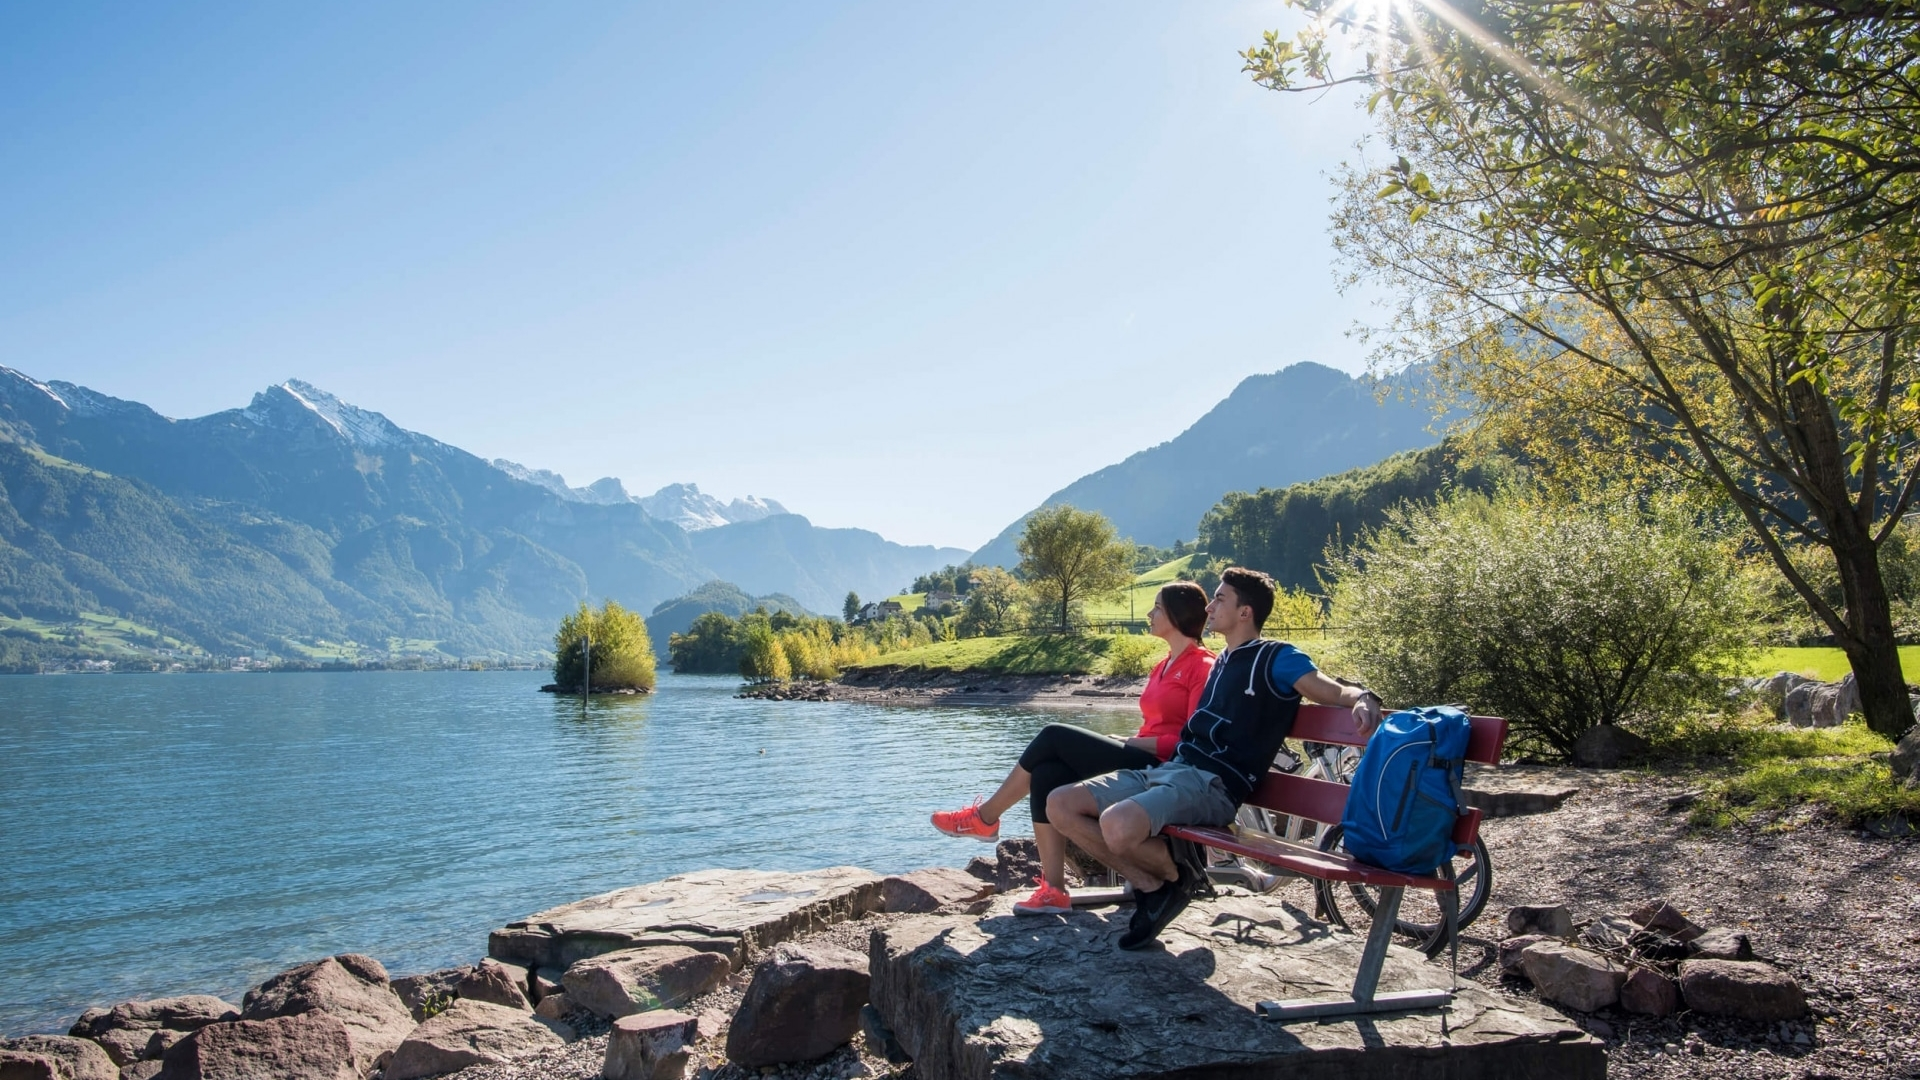 Gemütliche Pause am Walensee im Heidiland © Dolores Rupa